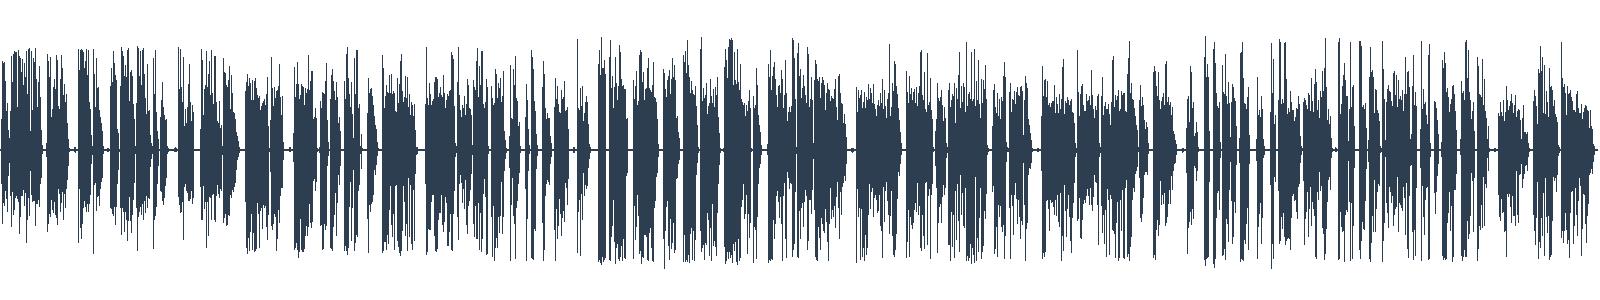 Zavřená truhla (ukázka z audioknihy) waveform